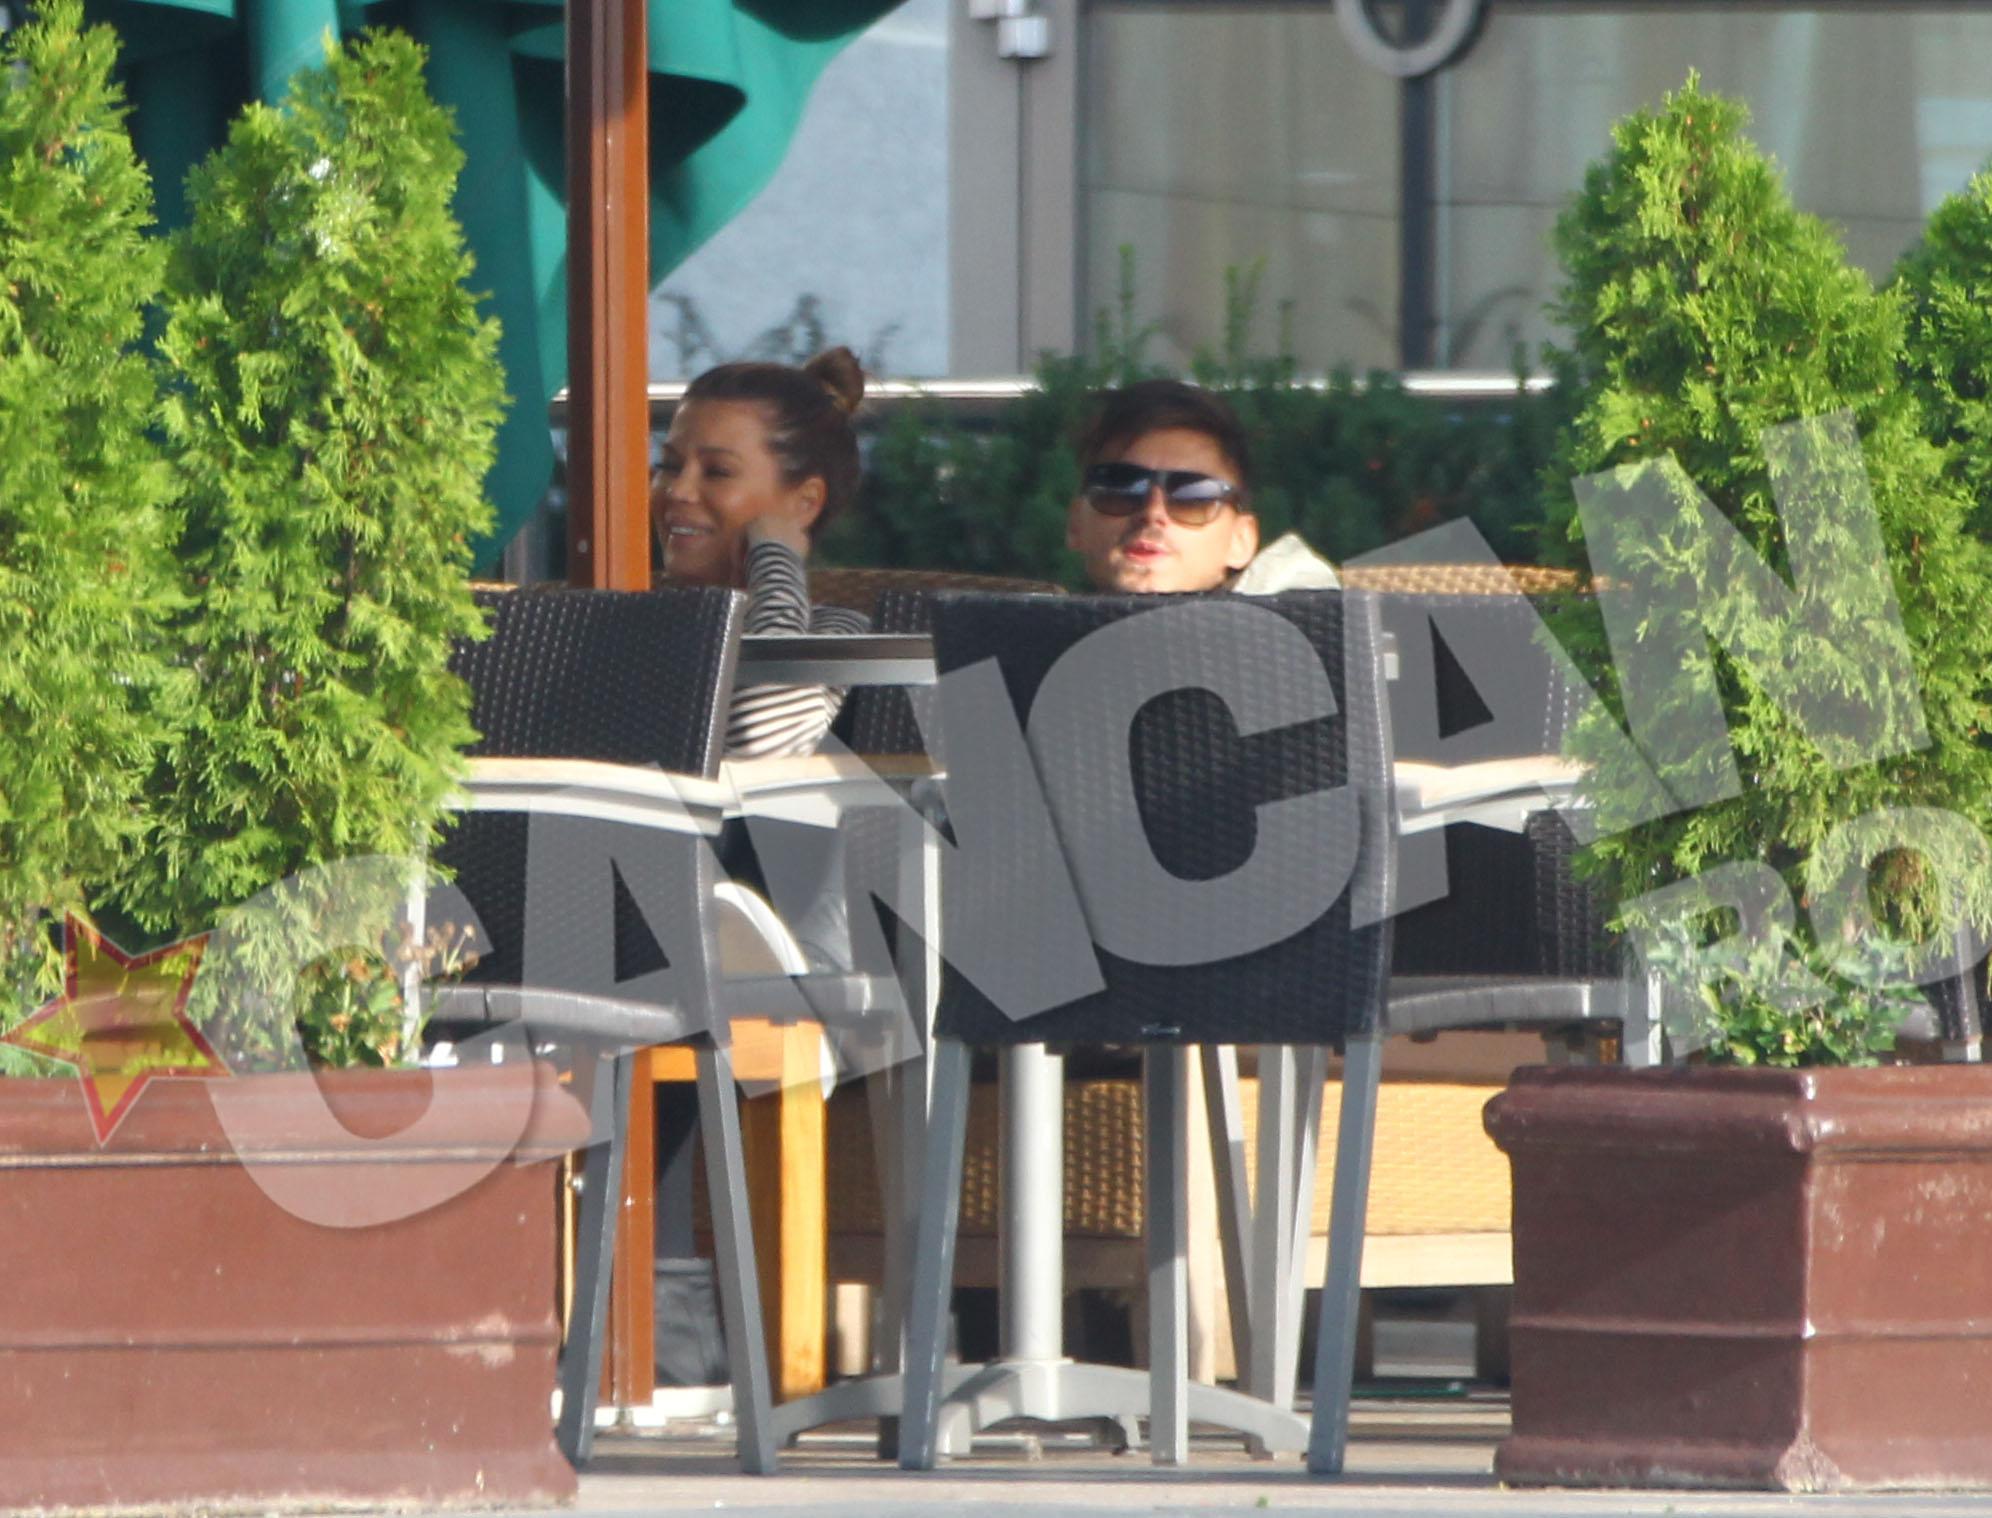 Gina si Turcu dau semne ca se simt foarte bine unul in compania celuilalt